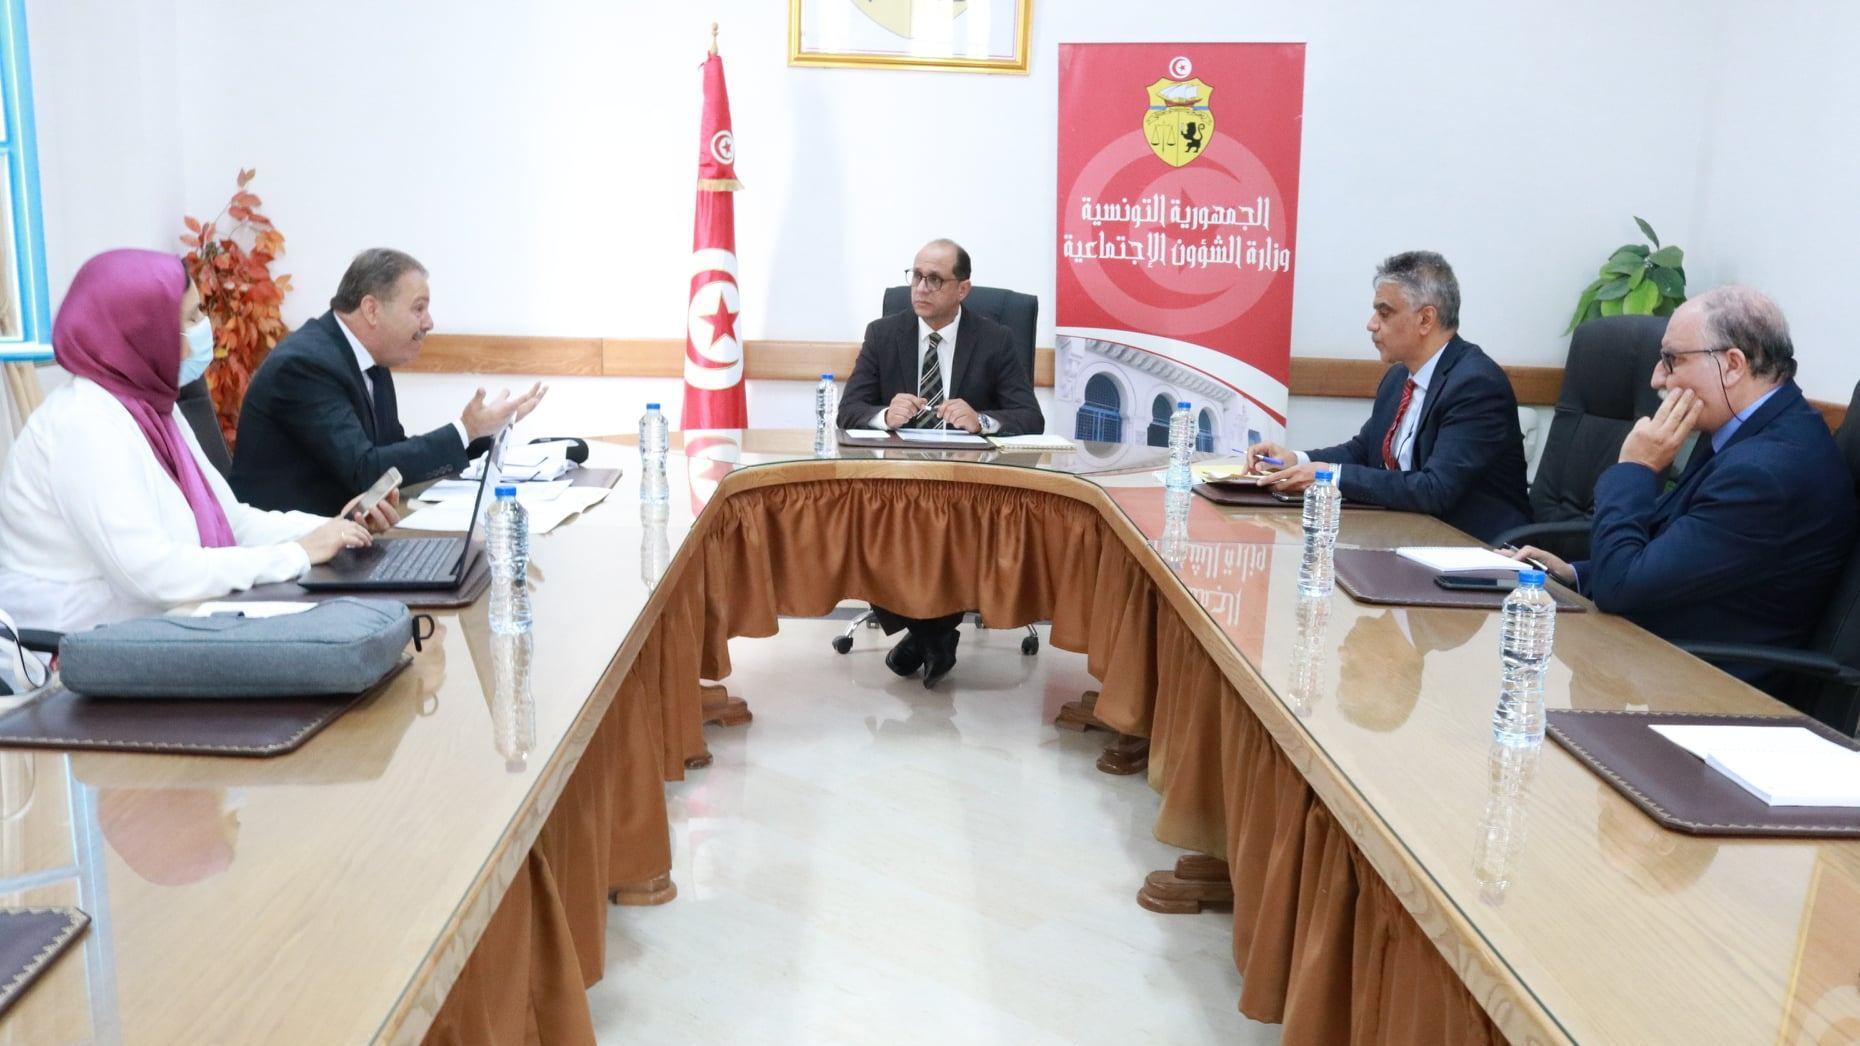 وزير الشؤون الاجتماعية جلسة